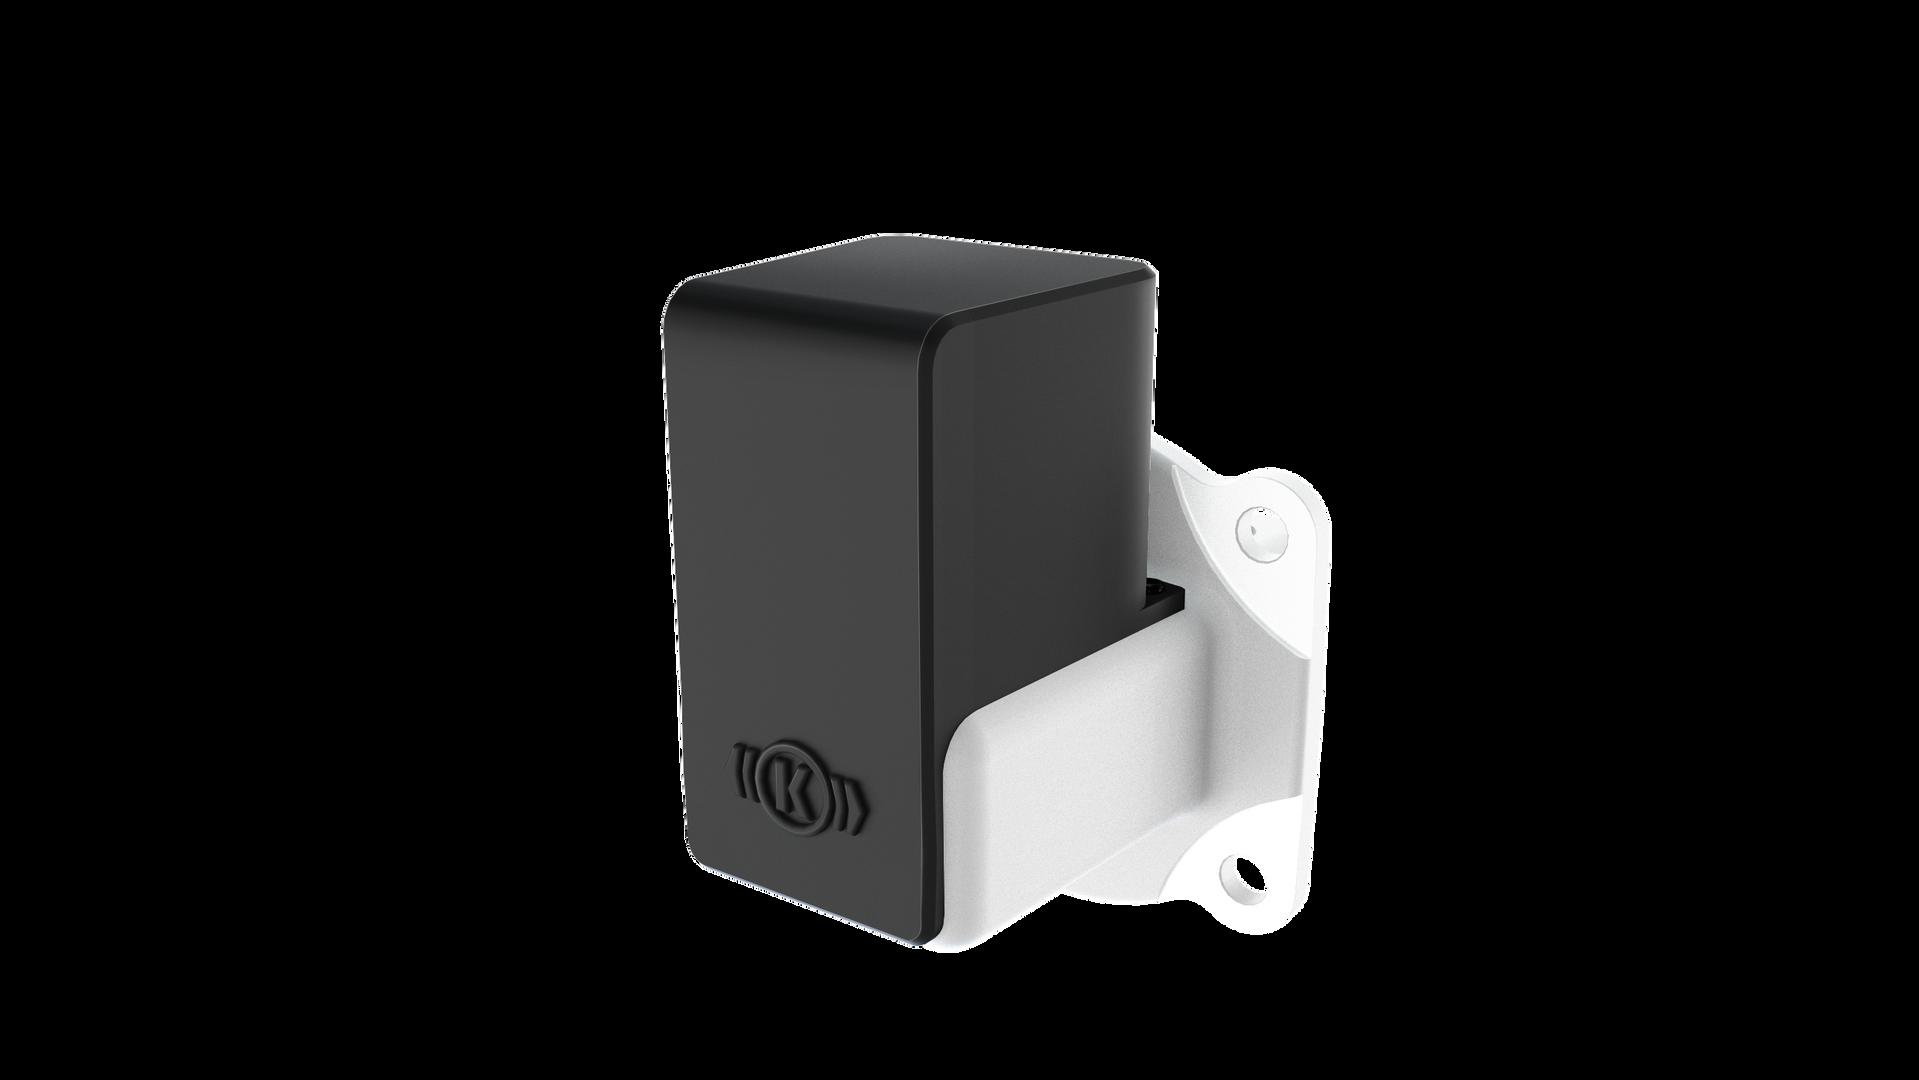 Knorr Bremse IoT sensor Housing